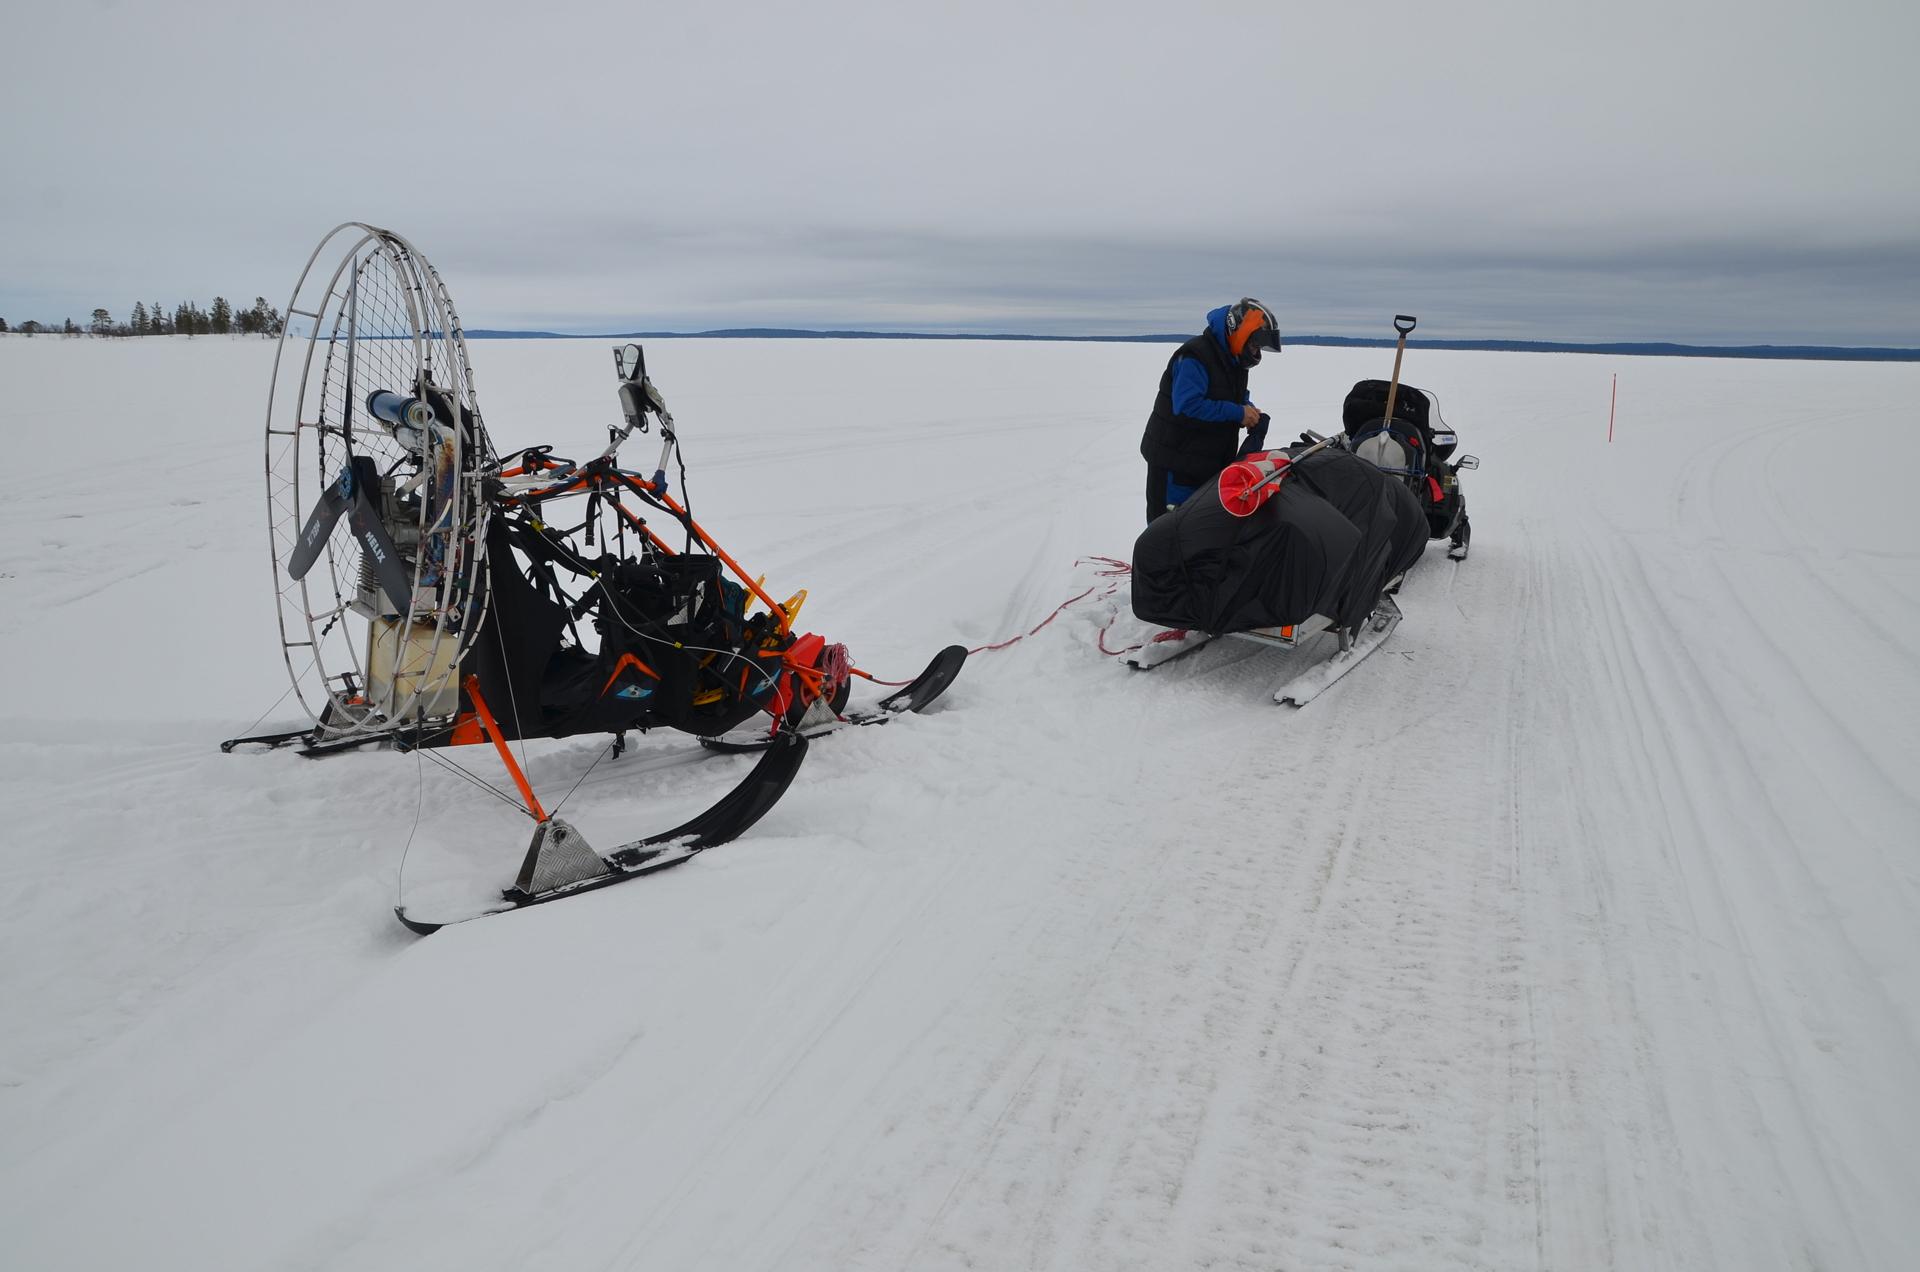 Aamulla tuuli kävi niemen takaa, joten Eki veti minut selälle, jos saatoin startata. Moottori täytyi nyt käynnistää potkurista, kun starttimoottori ei lyönyt päälle.